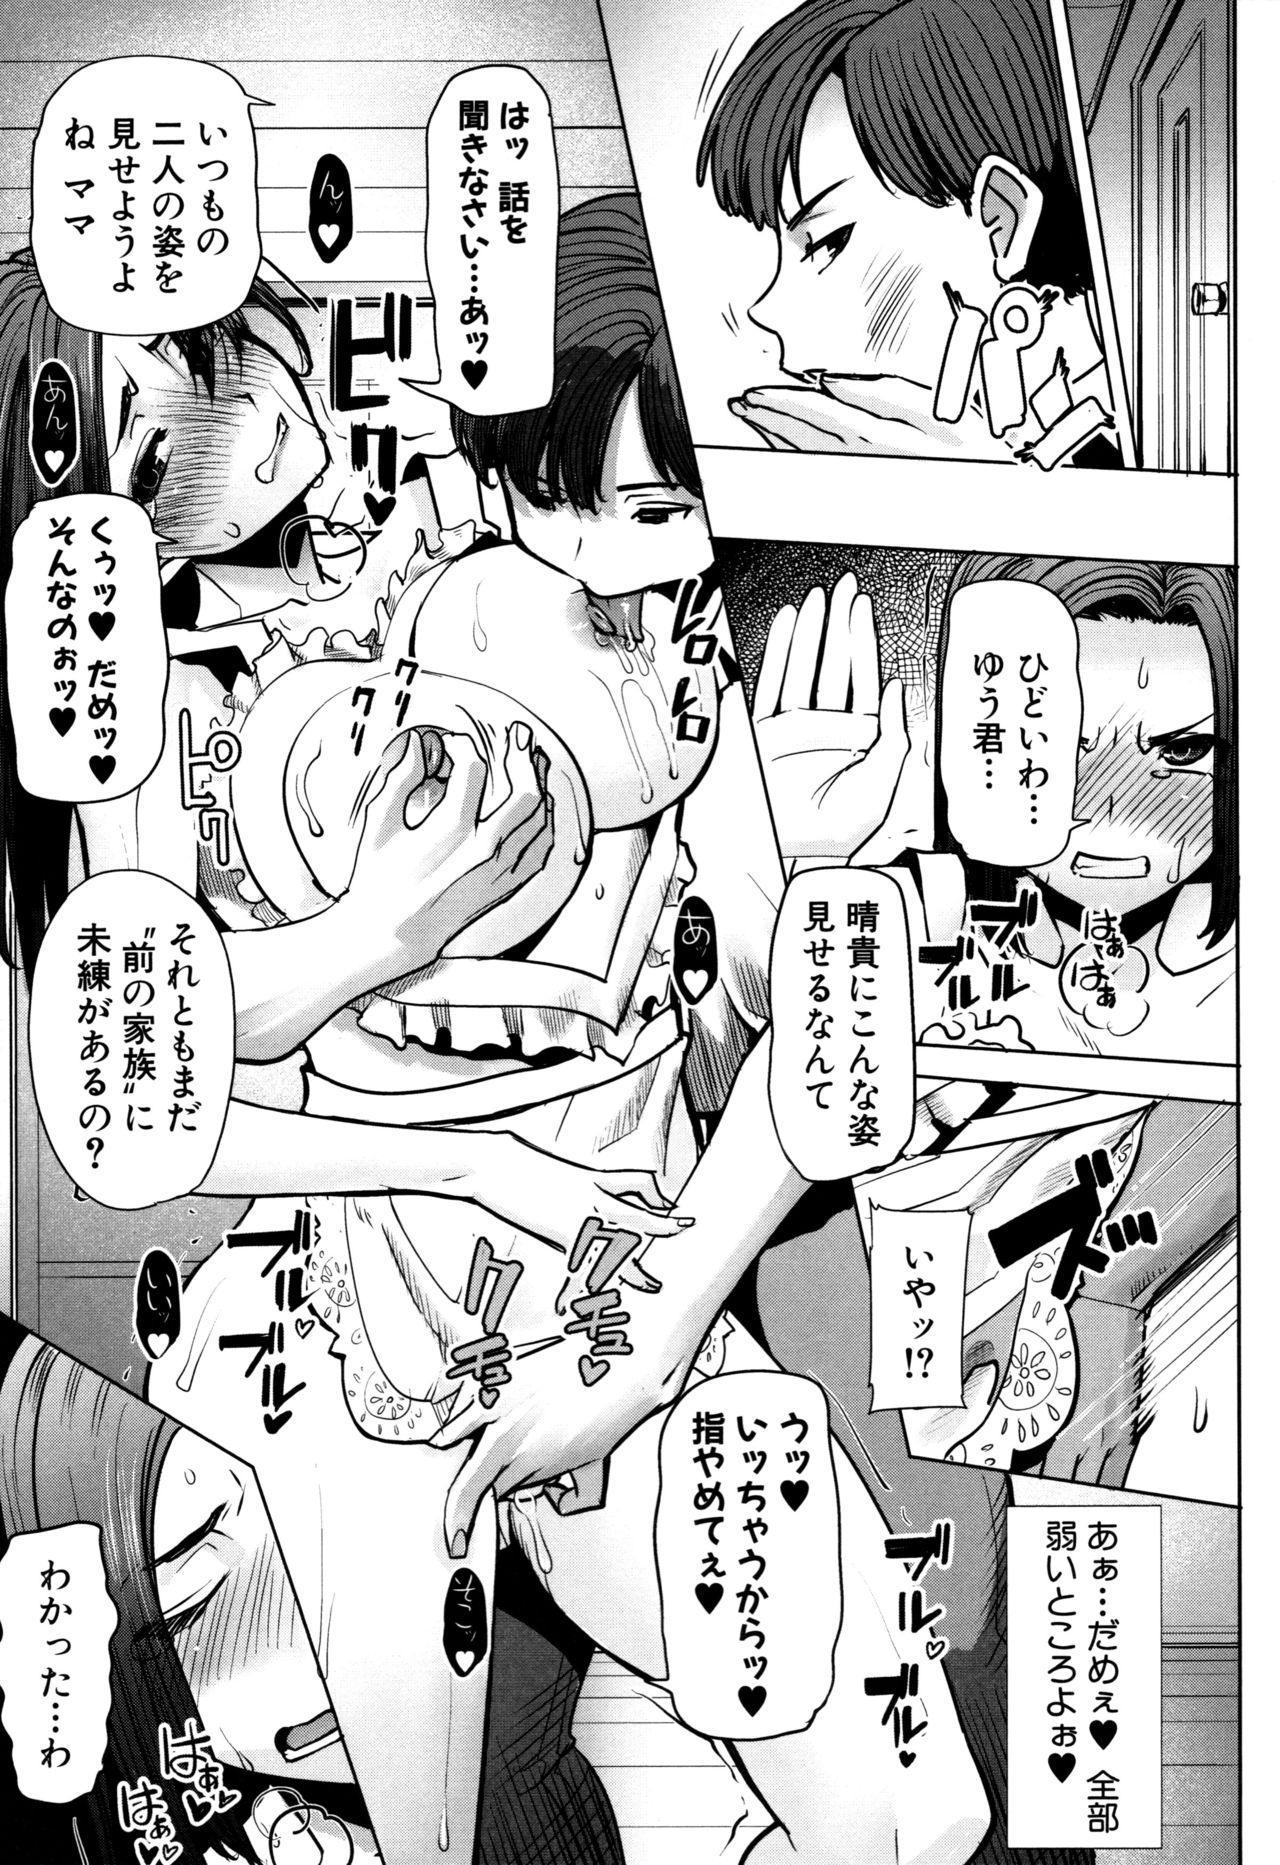 Unsweet - Asahina Ikka Netorareta Haha · Tomoko 154